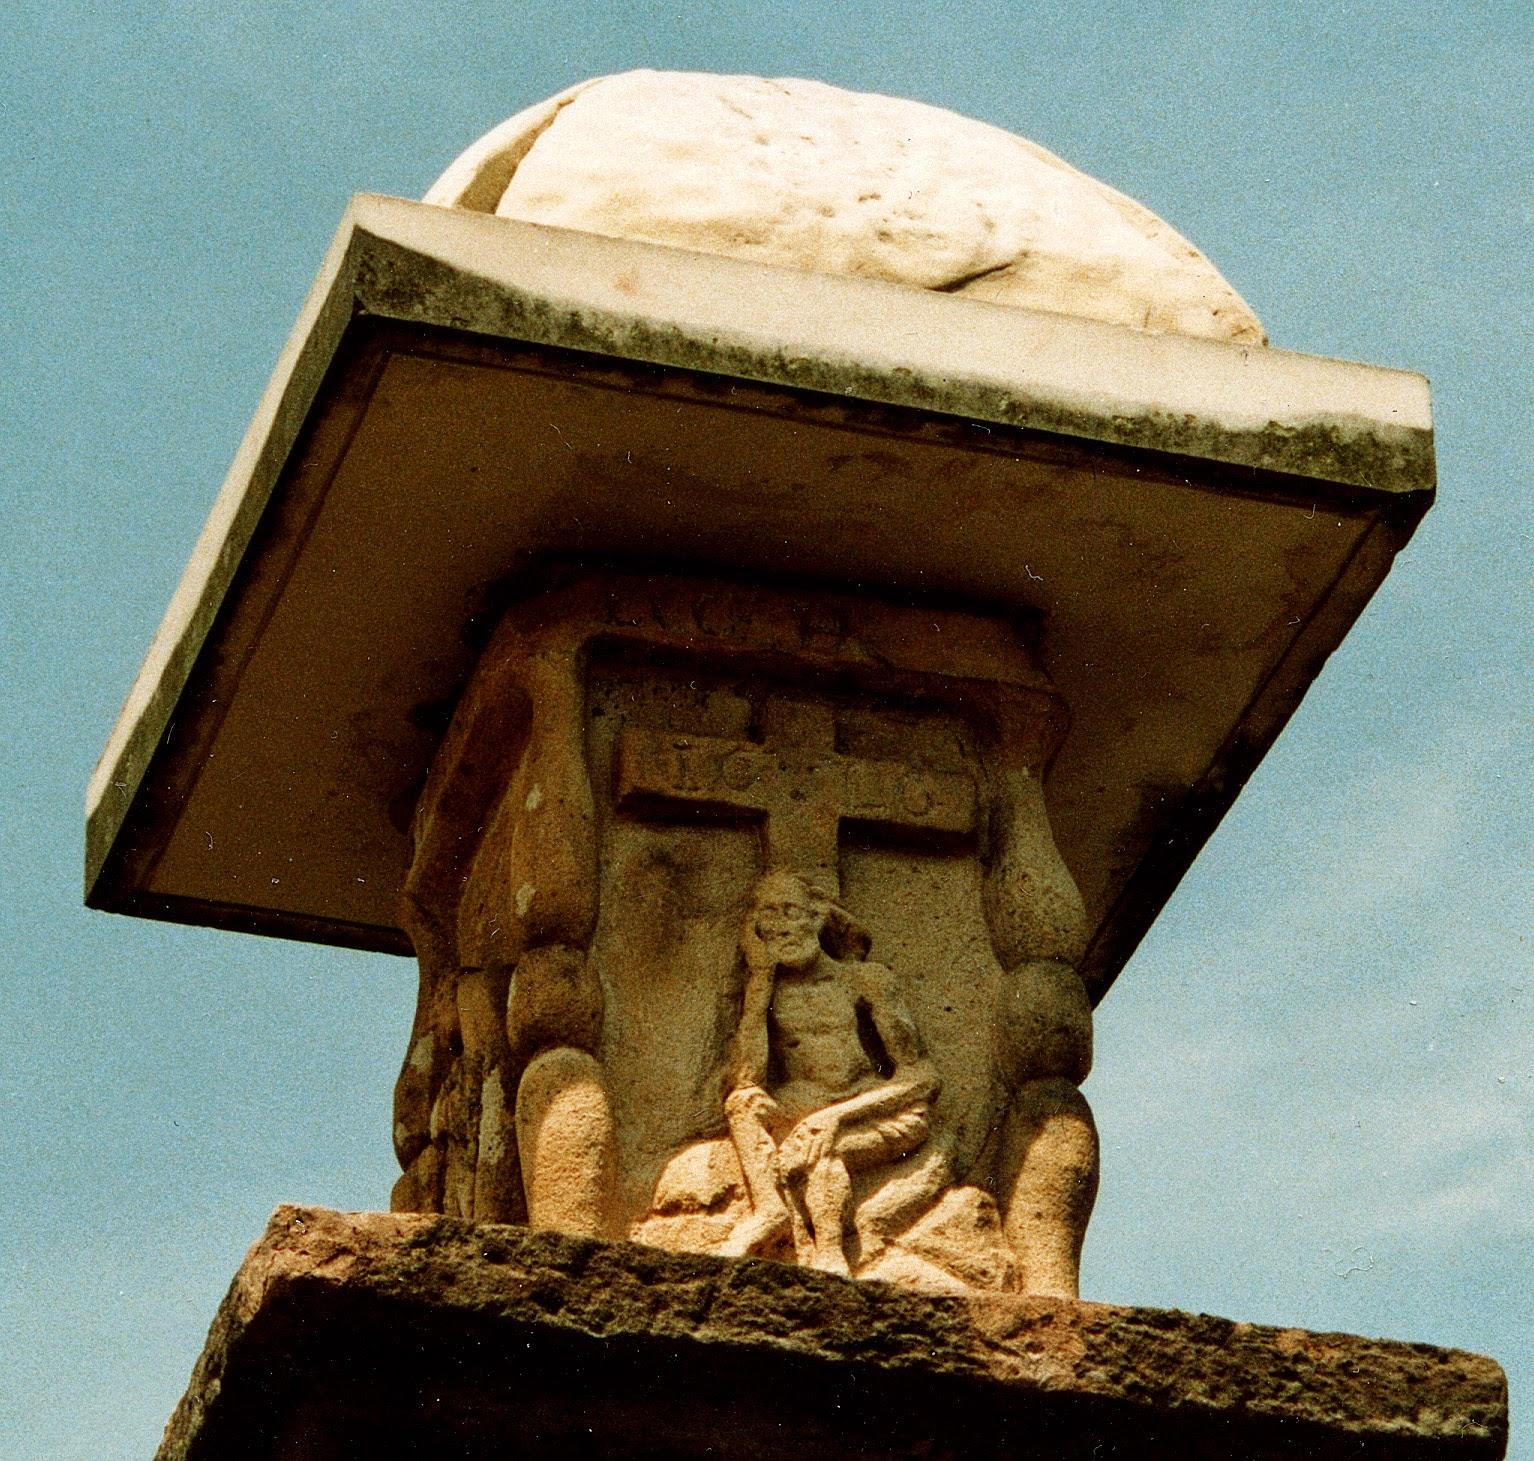 Radoszyce. Nad cmentarzem katolickim w Radoszycach króluje: dawna figura przydrożna z 1620 roku w formie kamiennej kolumny dźwigającej wydatnie ogzymsowaną kapliczkę z płaskorzeźbami Matki Boskiej, Ukrzyżowania, św. Jana i Chrystusa Frasobliwego pod krzyżem. To jedna z najpiękniejszych kapliczek naszego regionu. Foto. KW.